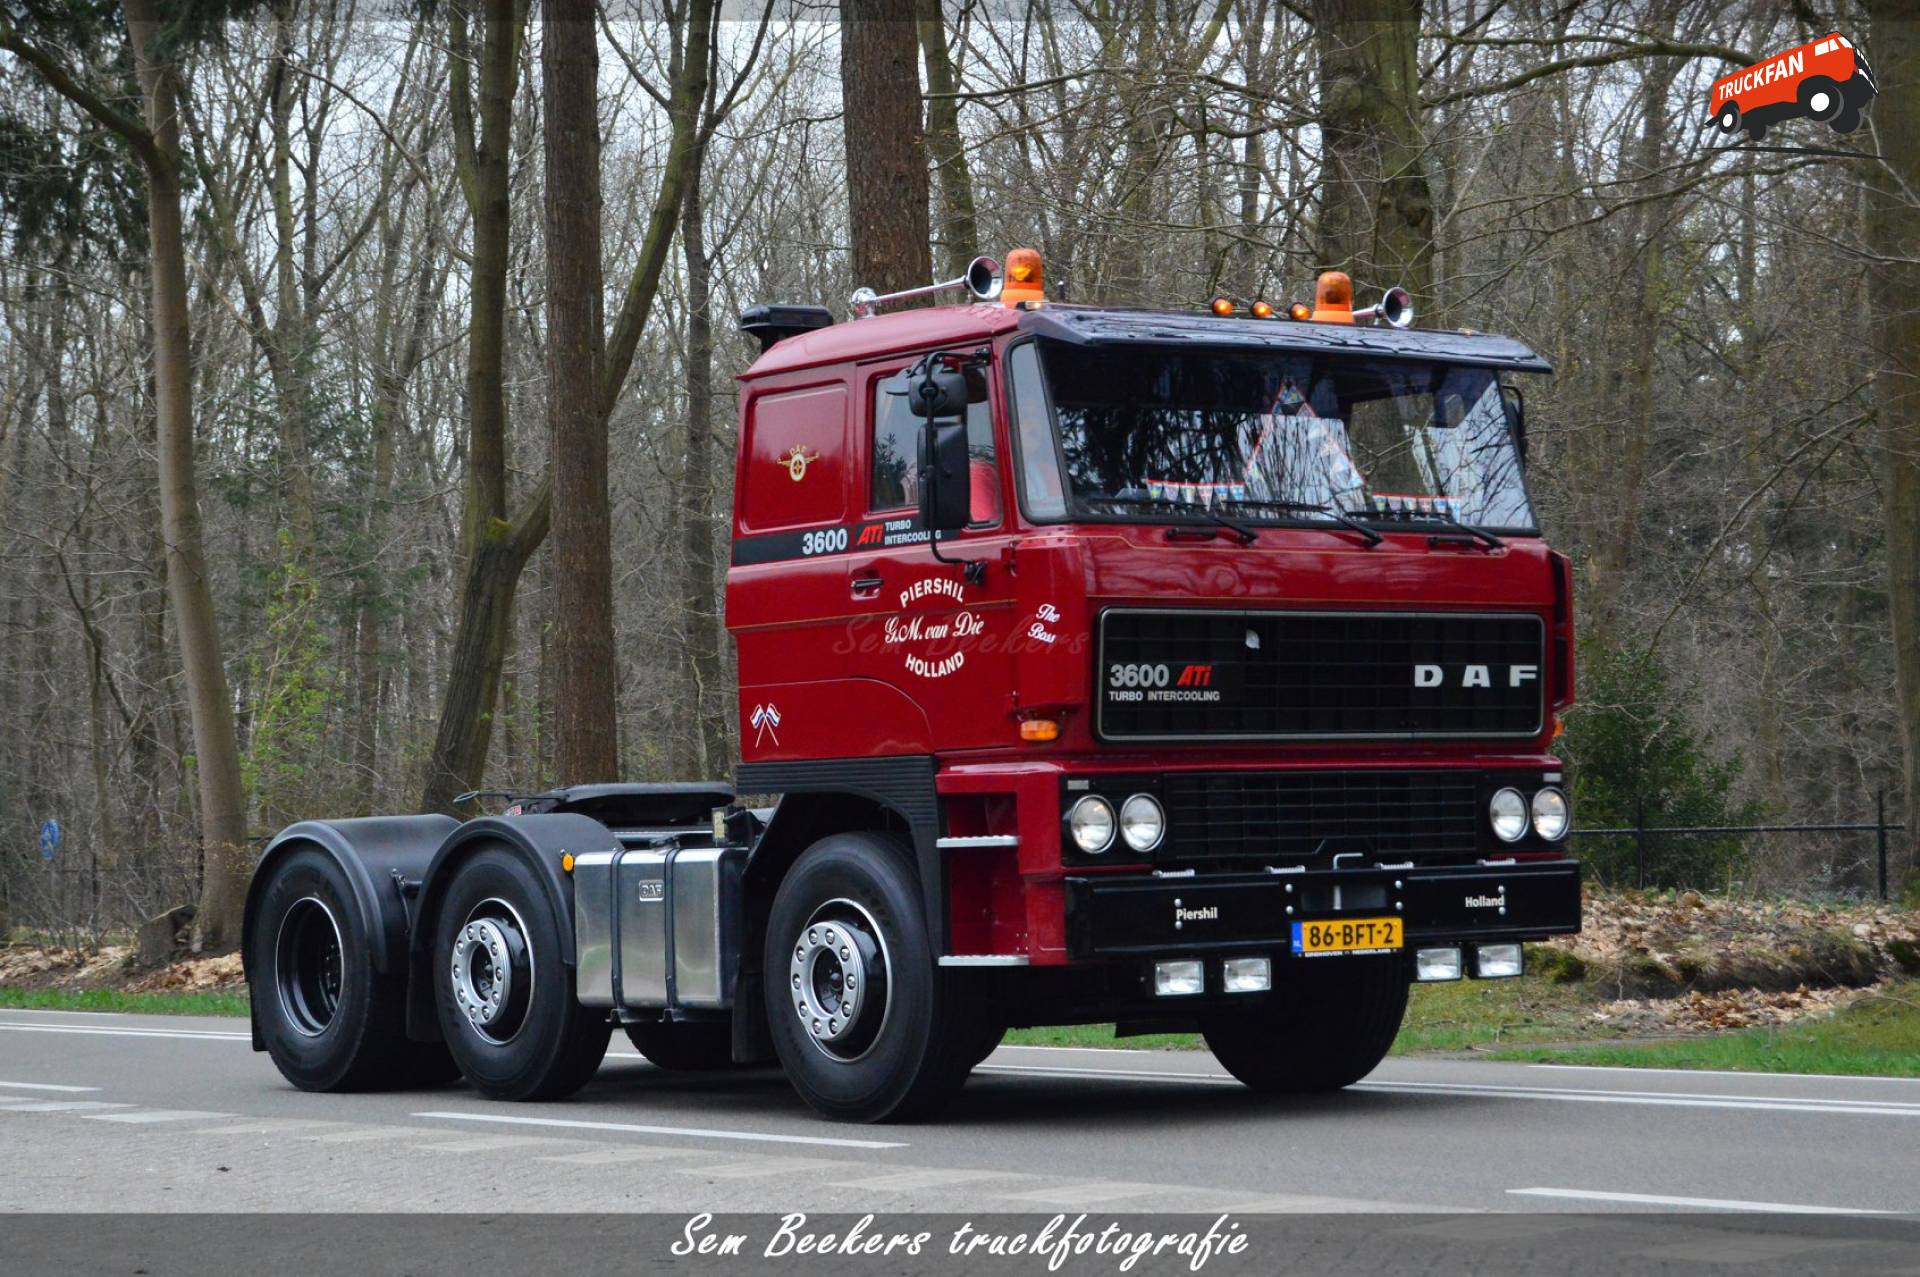 DAF 3600